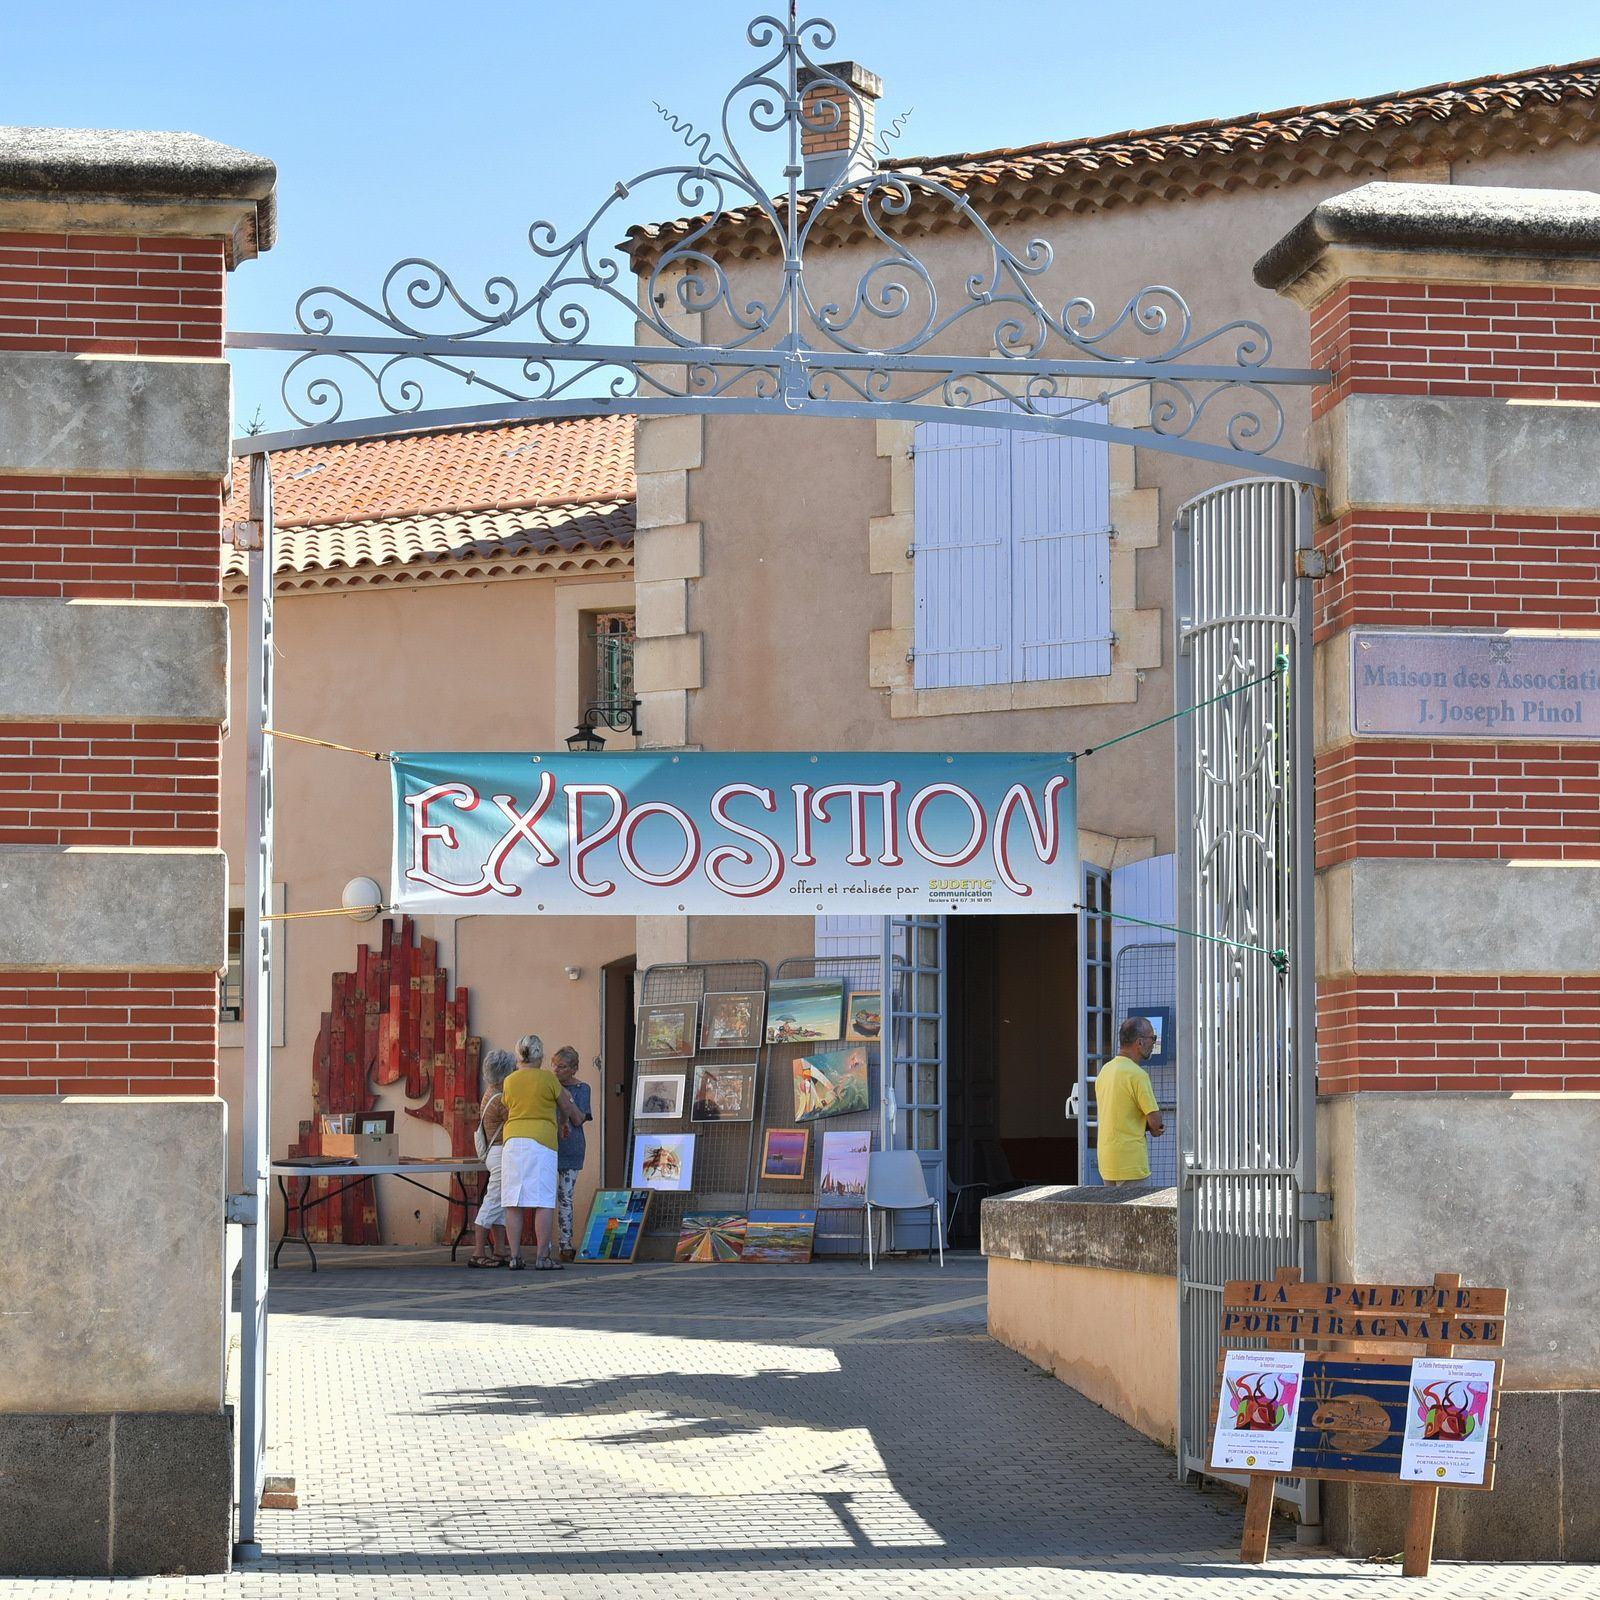 Expo de la Palette Portiragnaise à la Maison des Associations